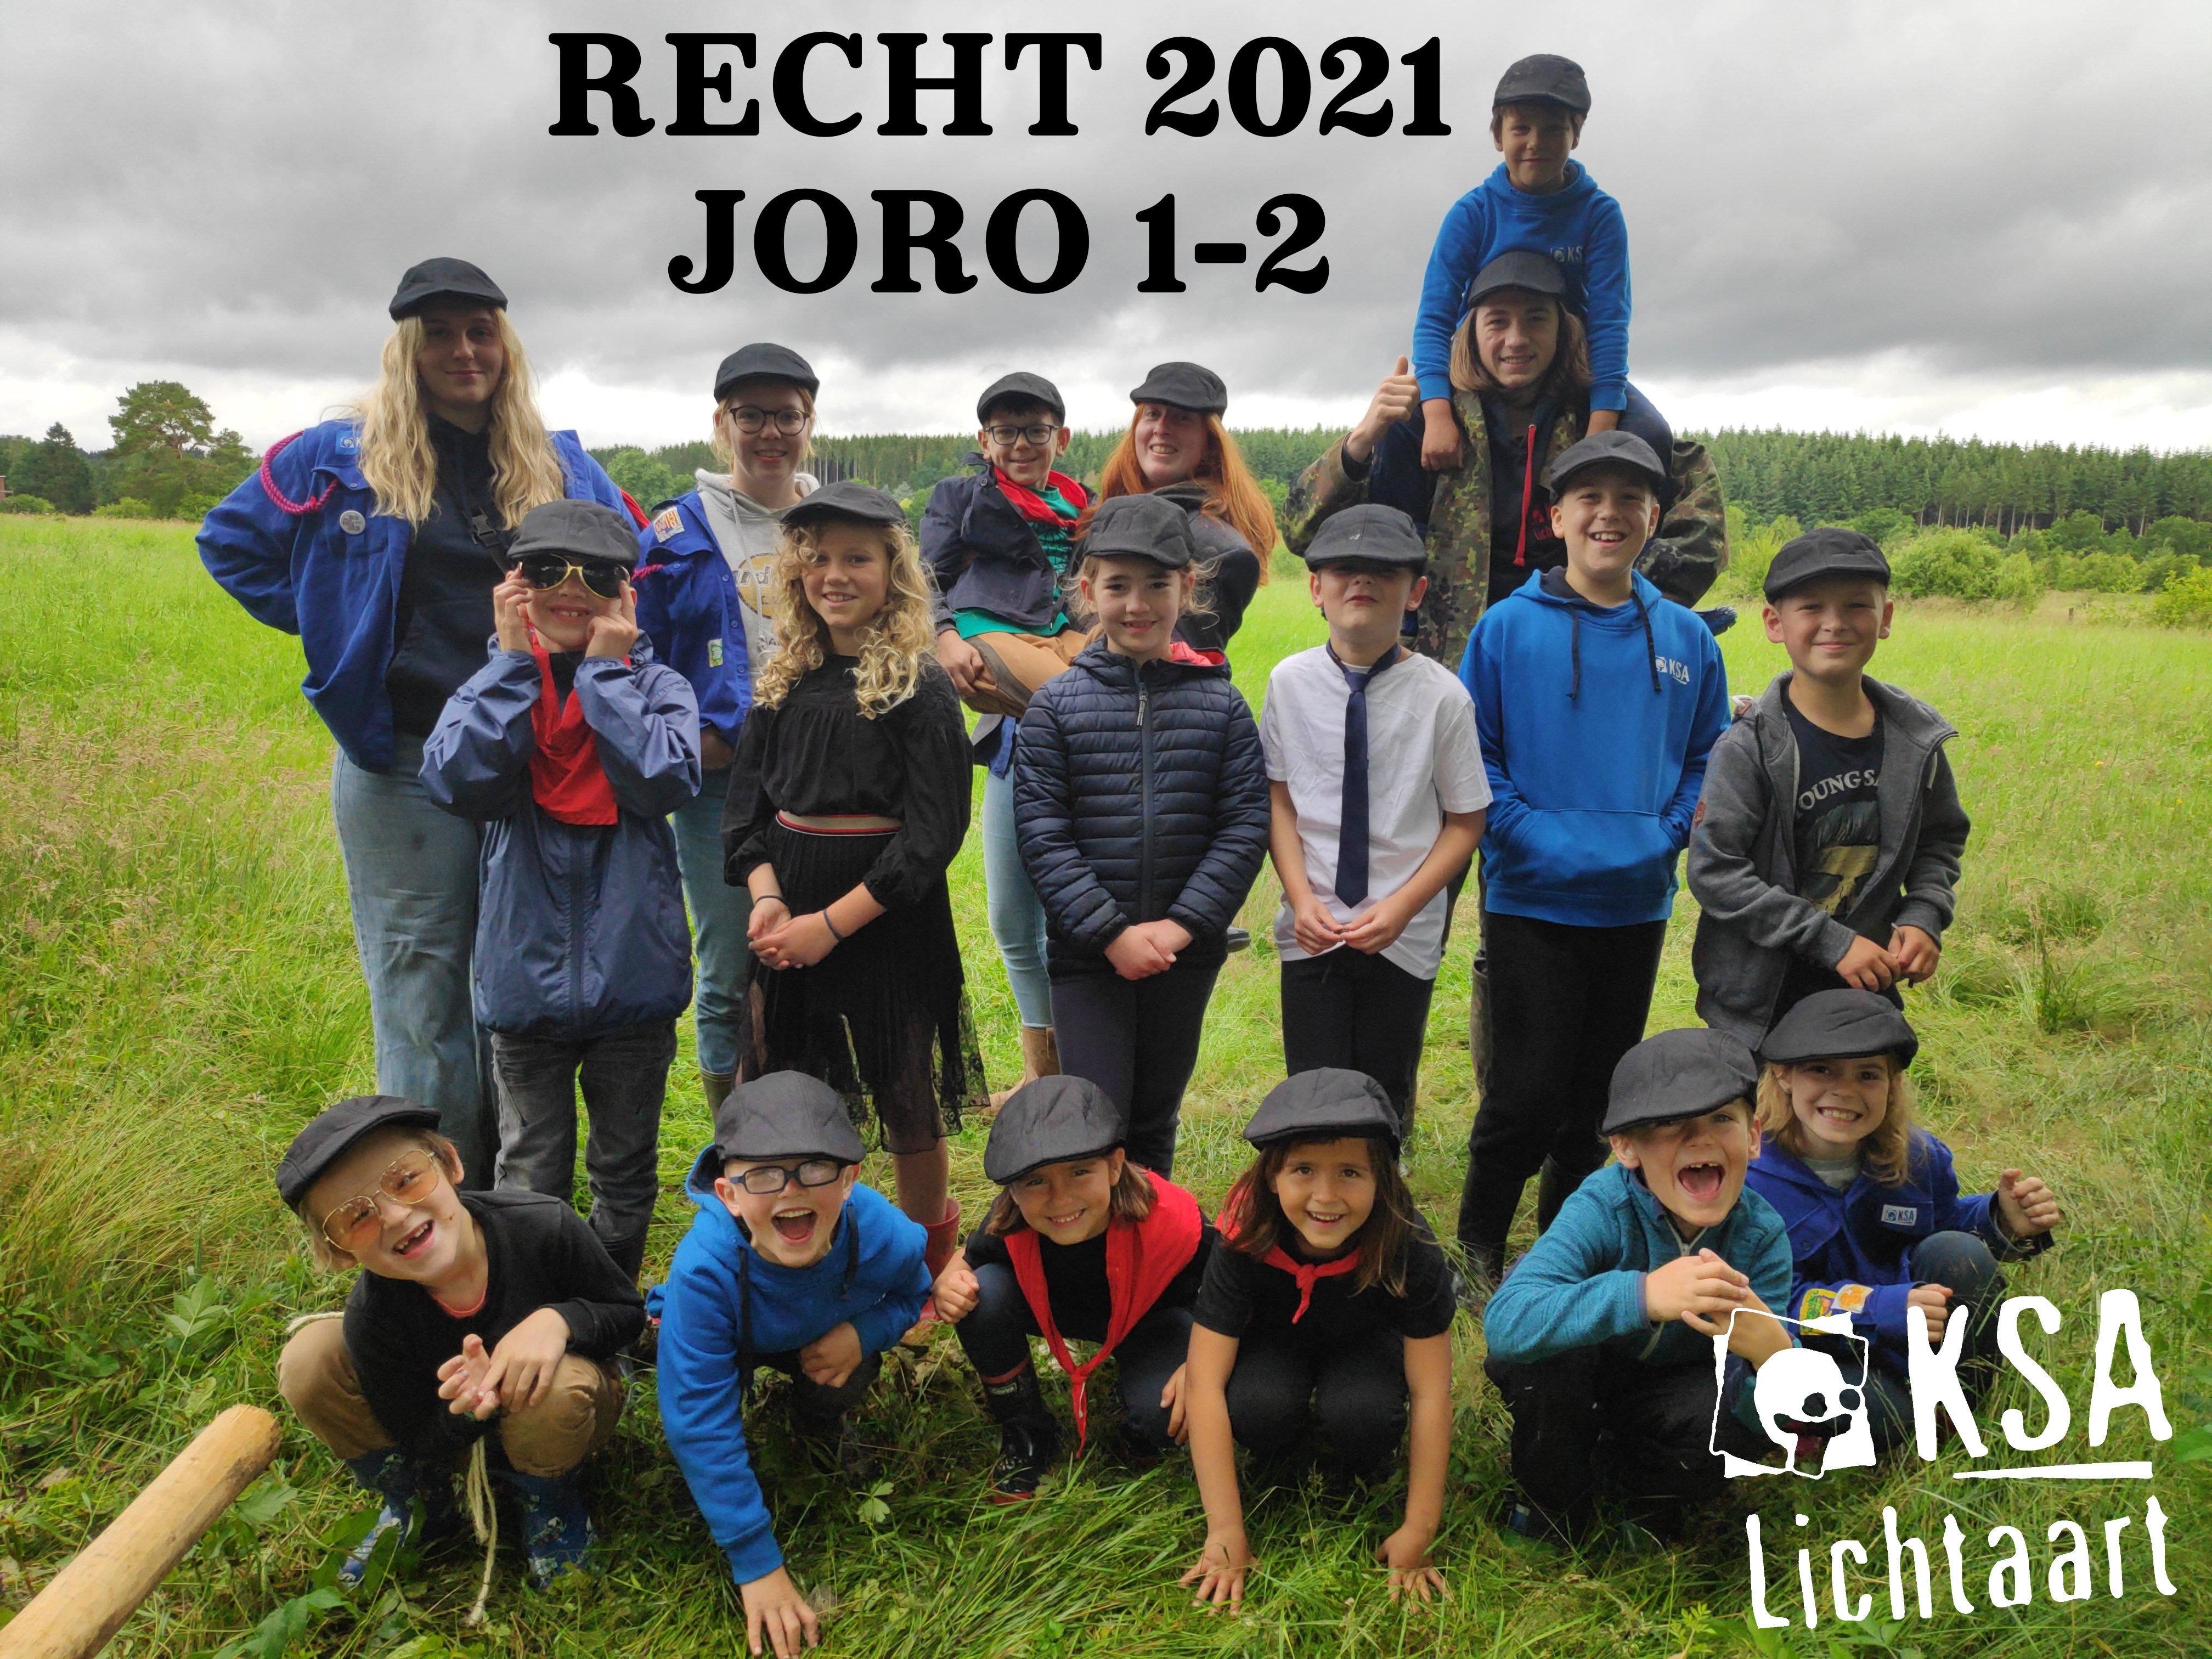 Joro 1-2